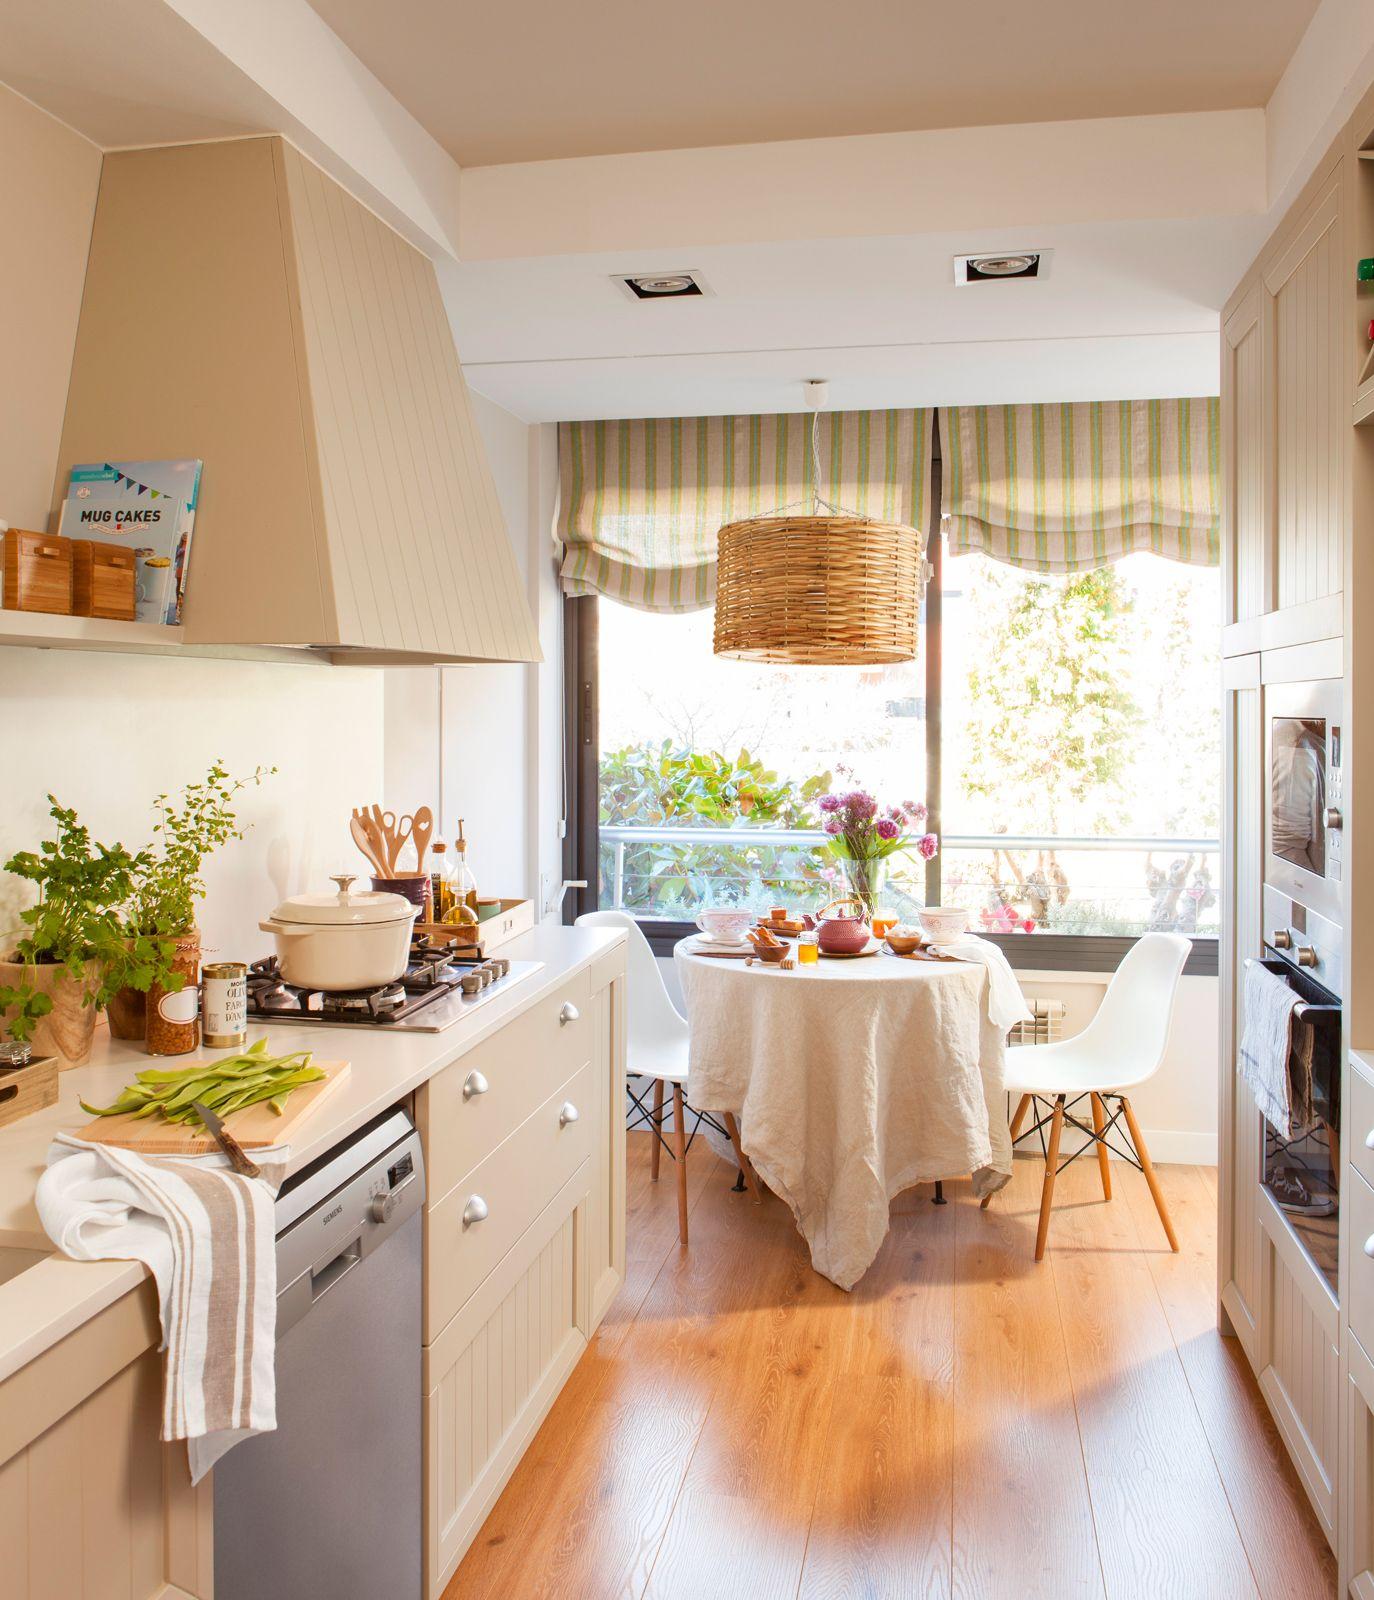 Cocina peque a con muebles panelados en madera office con for Muebles terraza pequena